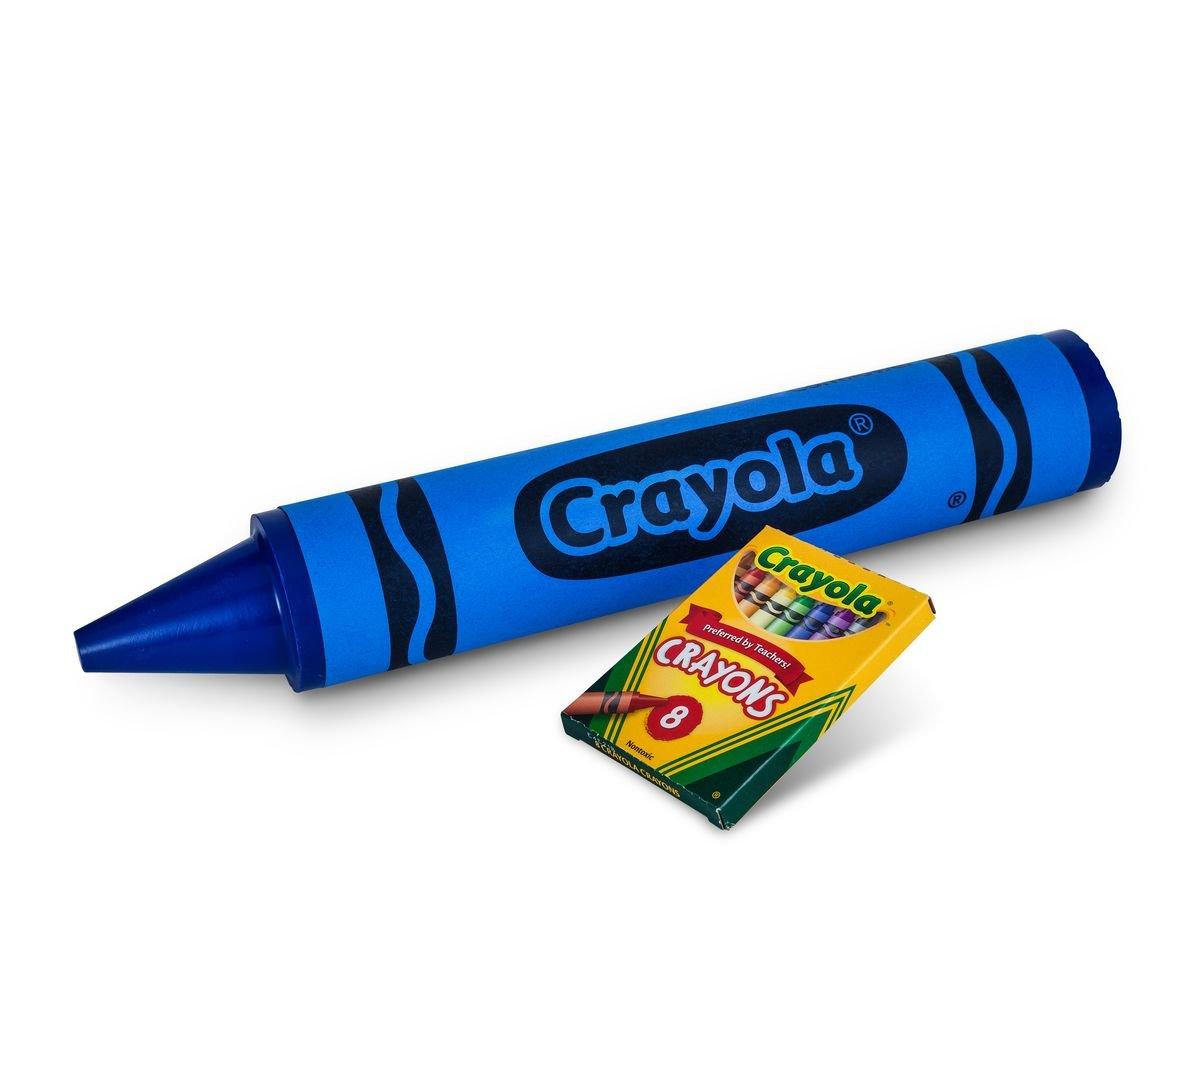 Giant Crayola Crayon - (Cornflower) Blue